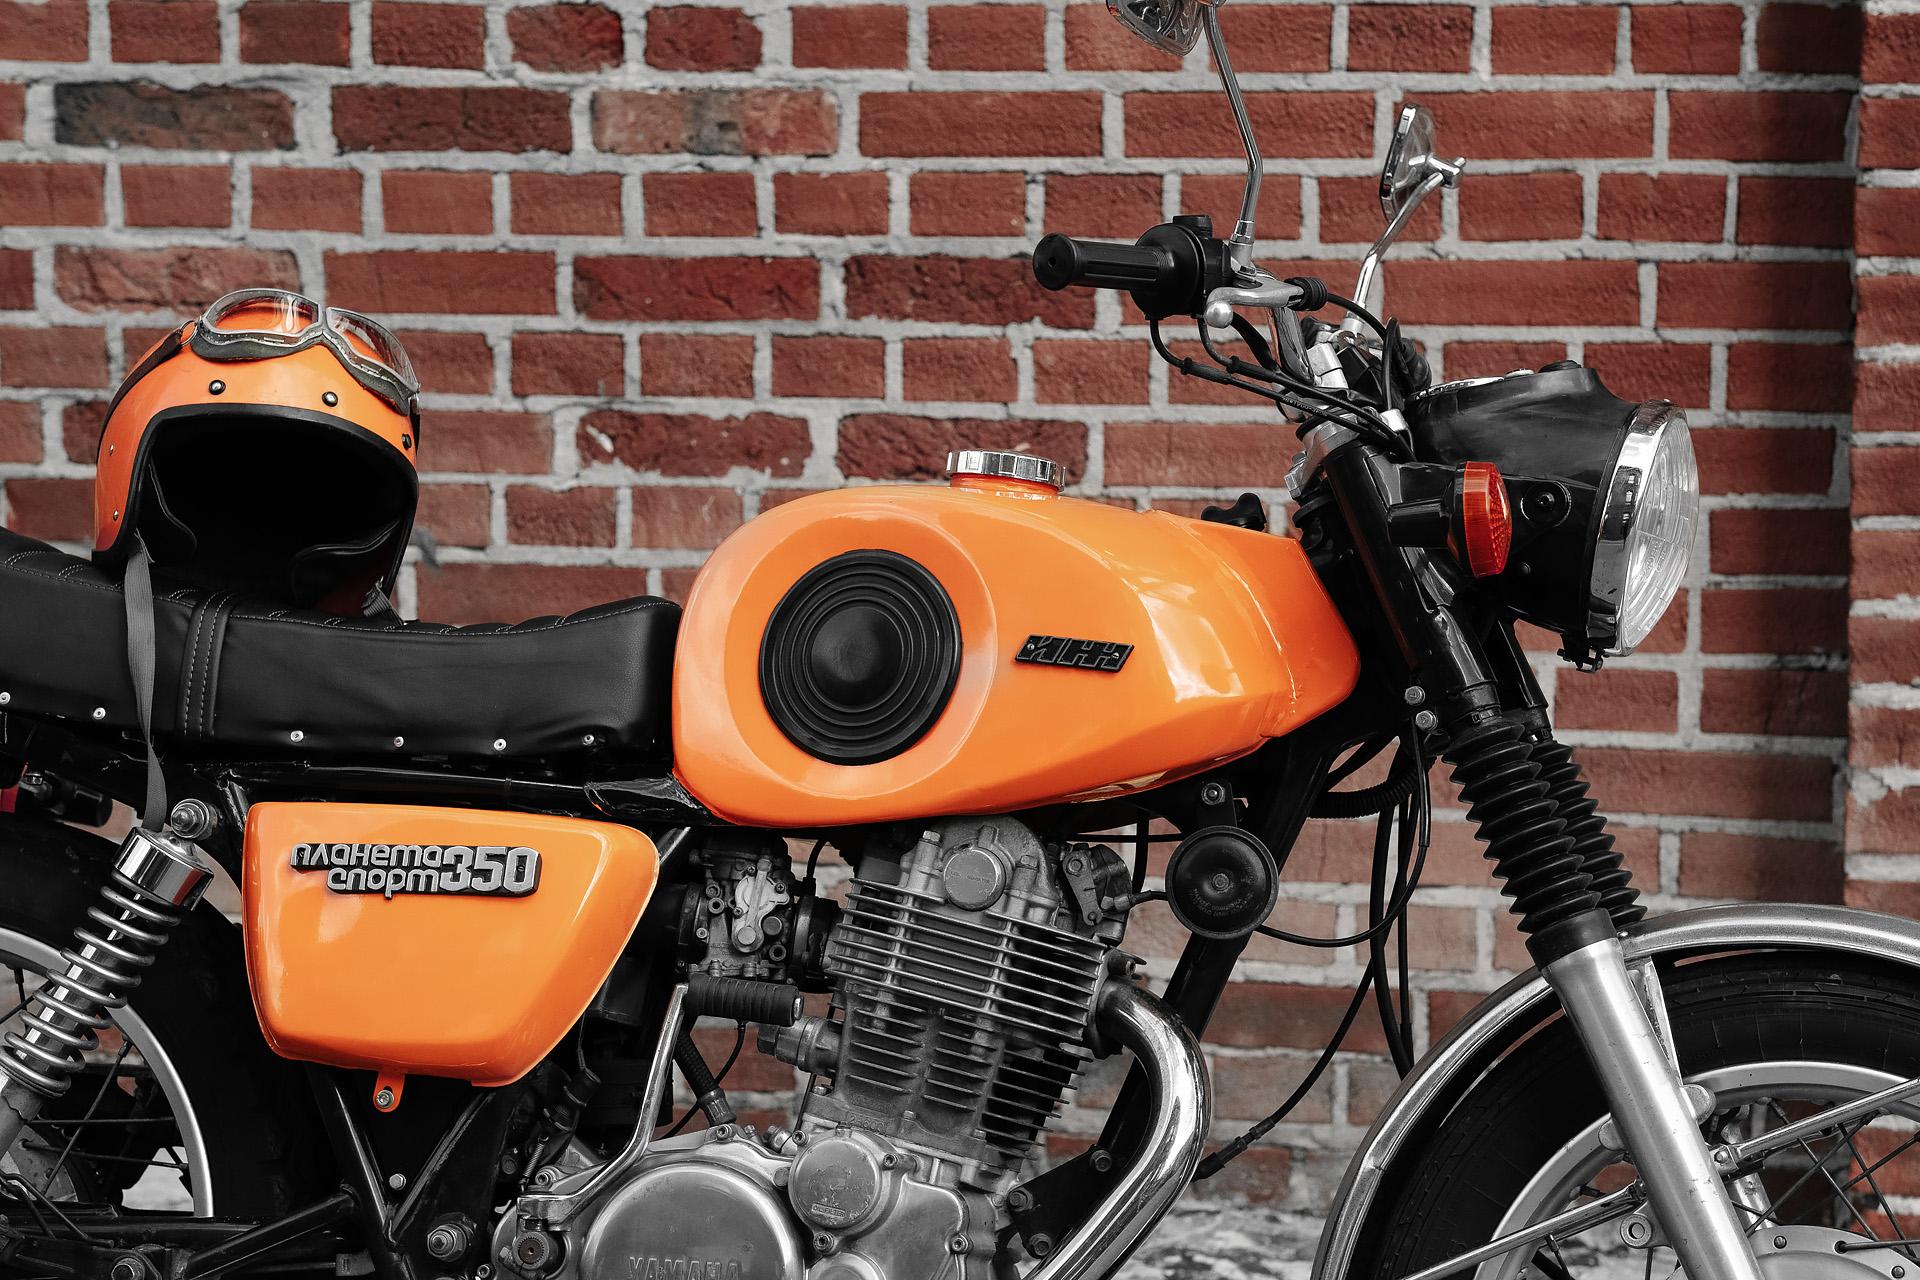 Рестомод Иж Планета Спорт на базе Yamaha SR400